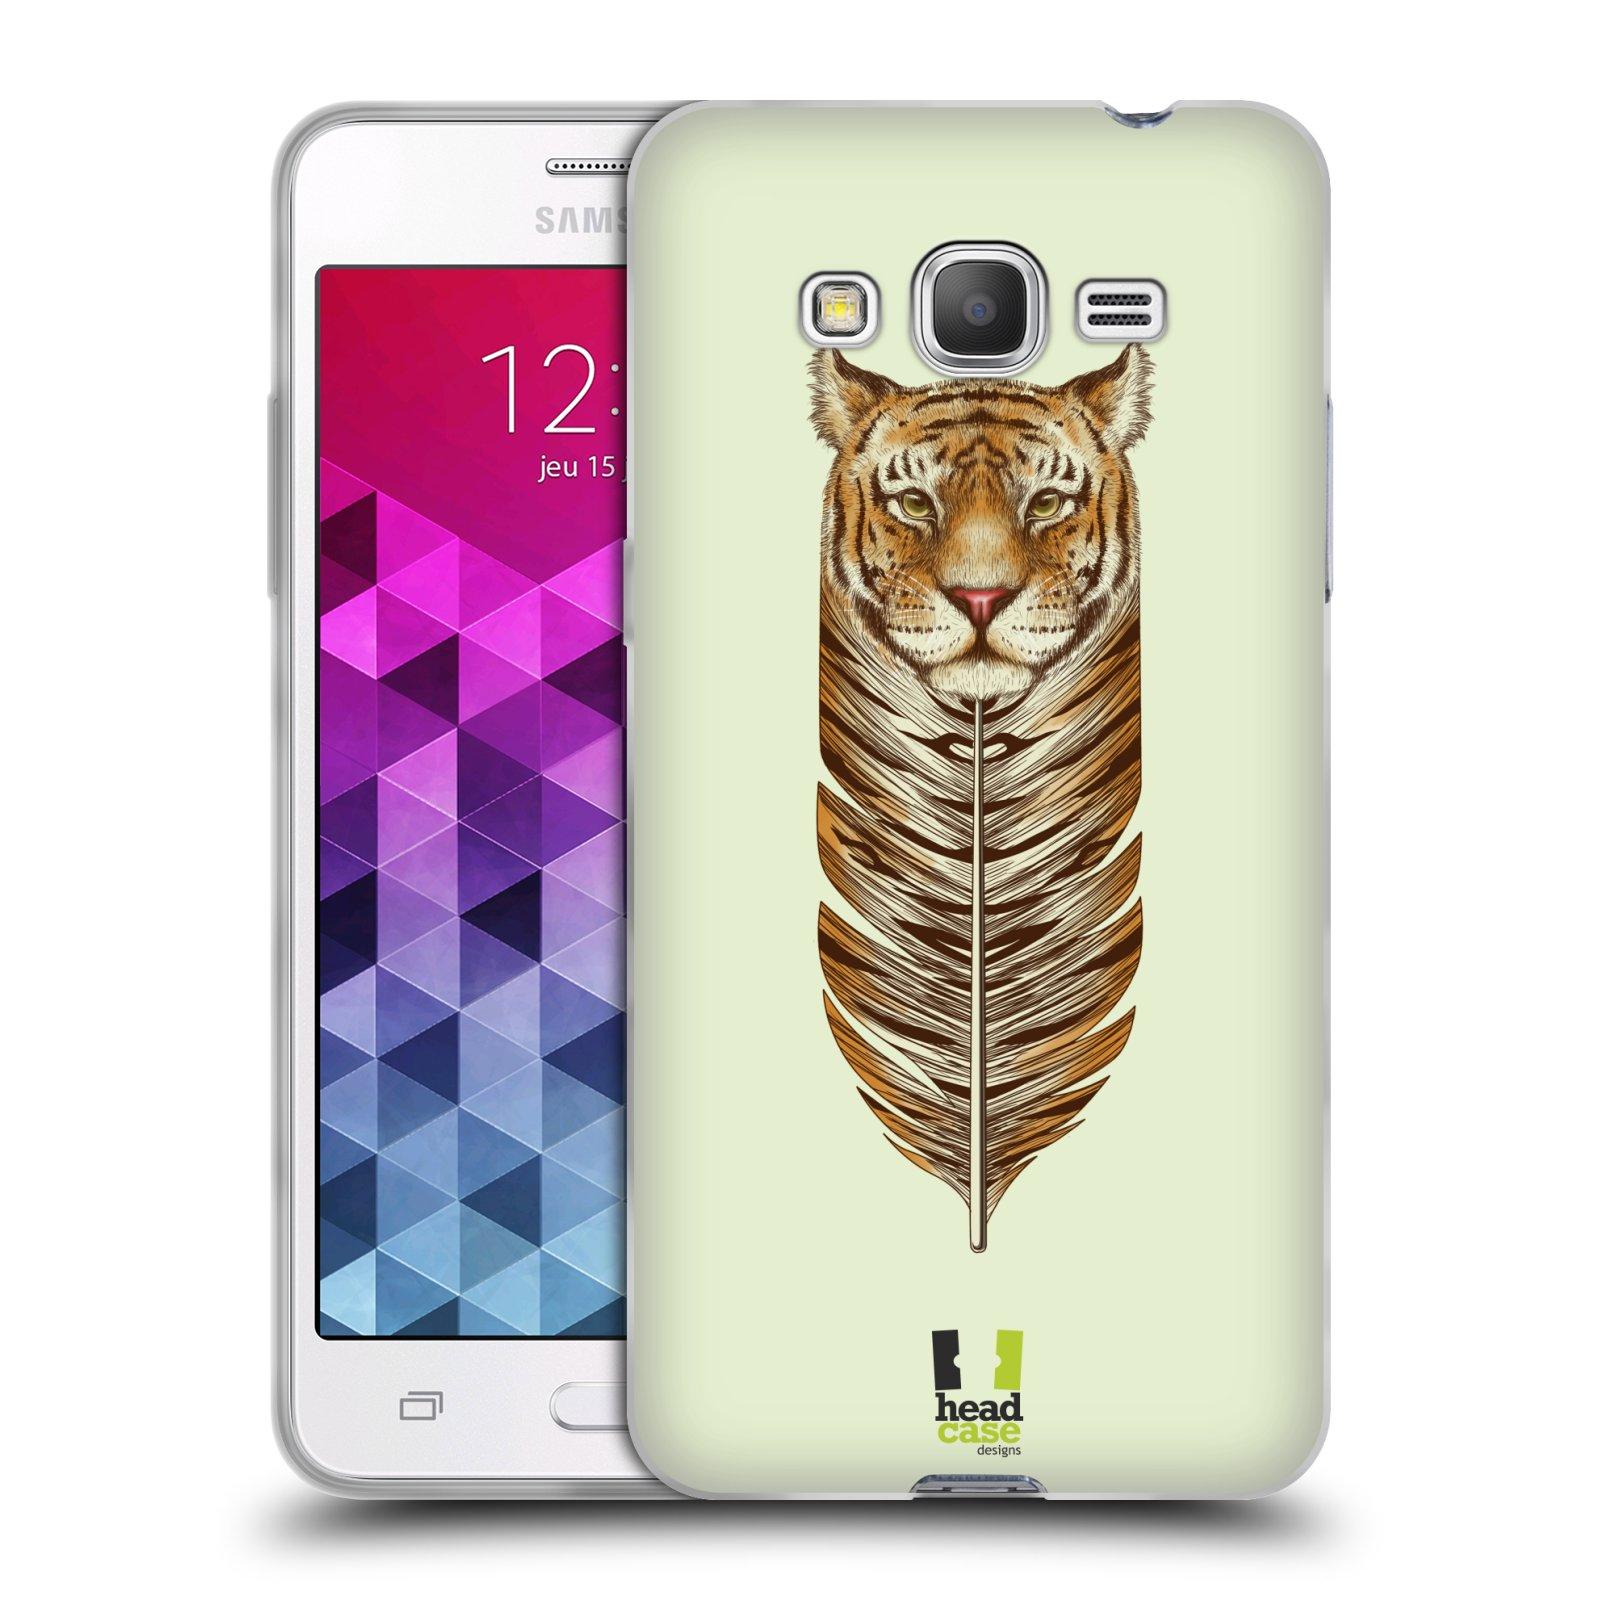 Silikonové pouzdro na mobil Samsung Galaxy Grand Prime VE HEAD CASE PÍRKO TYGR (Silikonový kryt či obal na mobilní telefon Samsung Galaxy Grand Prime VE SM-G531F)